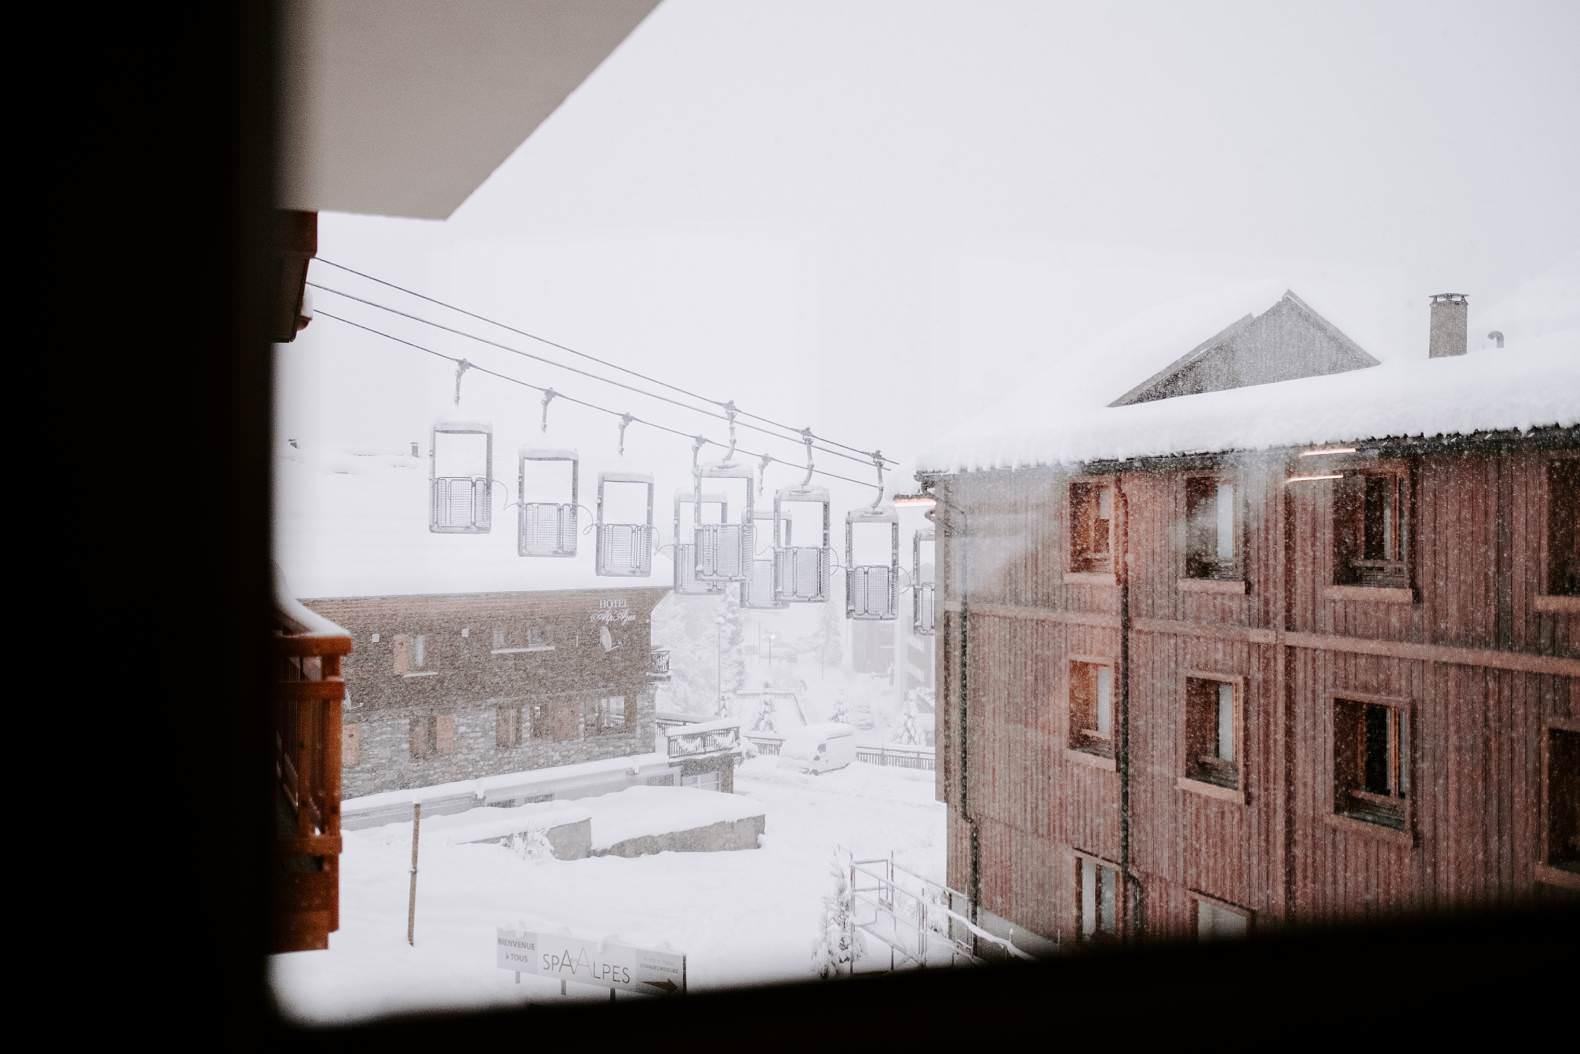 mariage hiver alpes huez isere hotel grandes rousses photographe bel esprit 0000